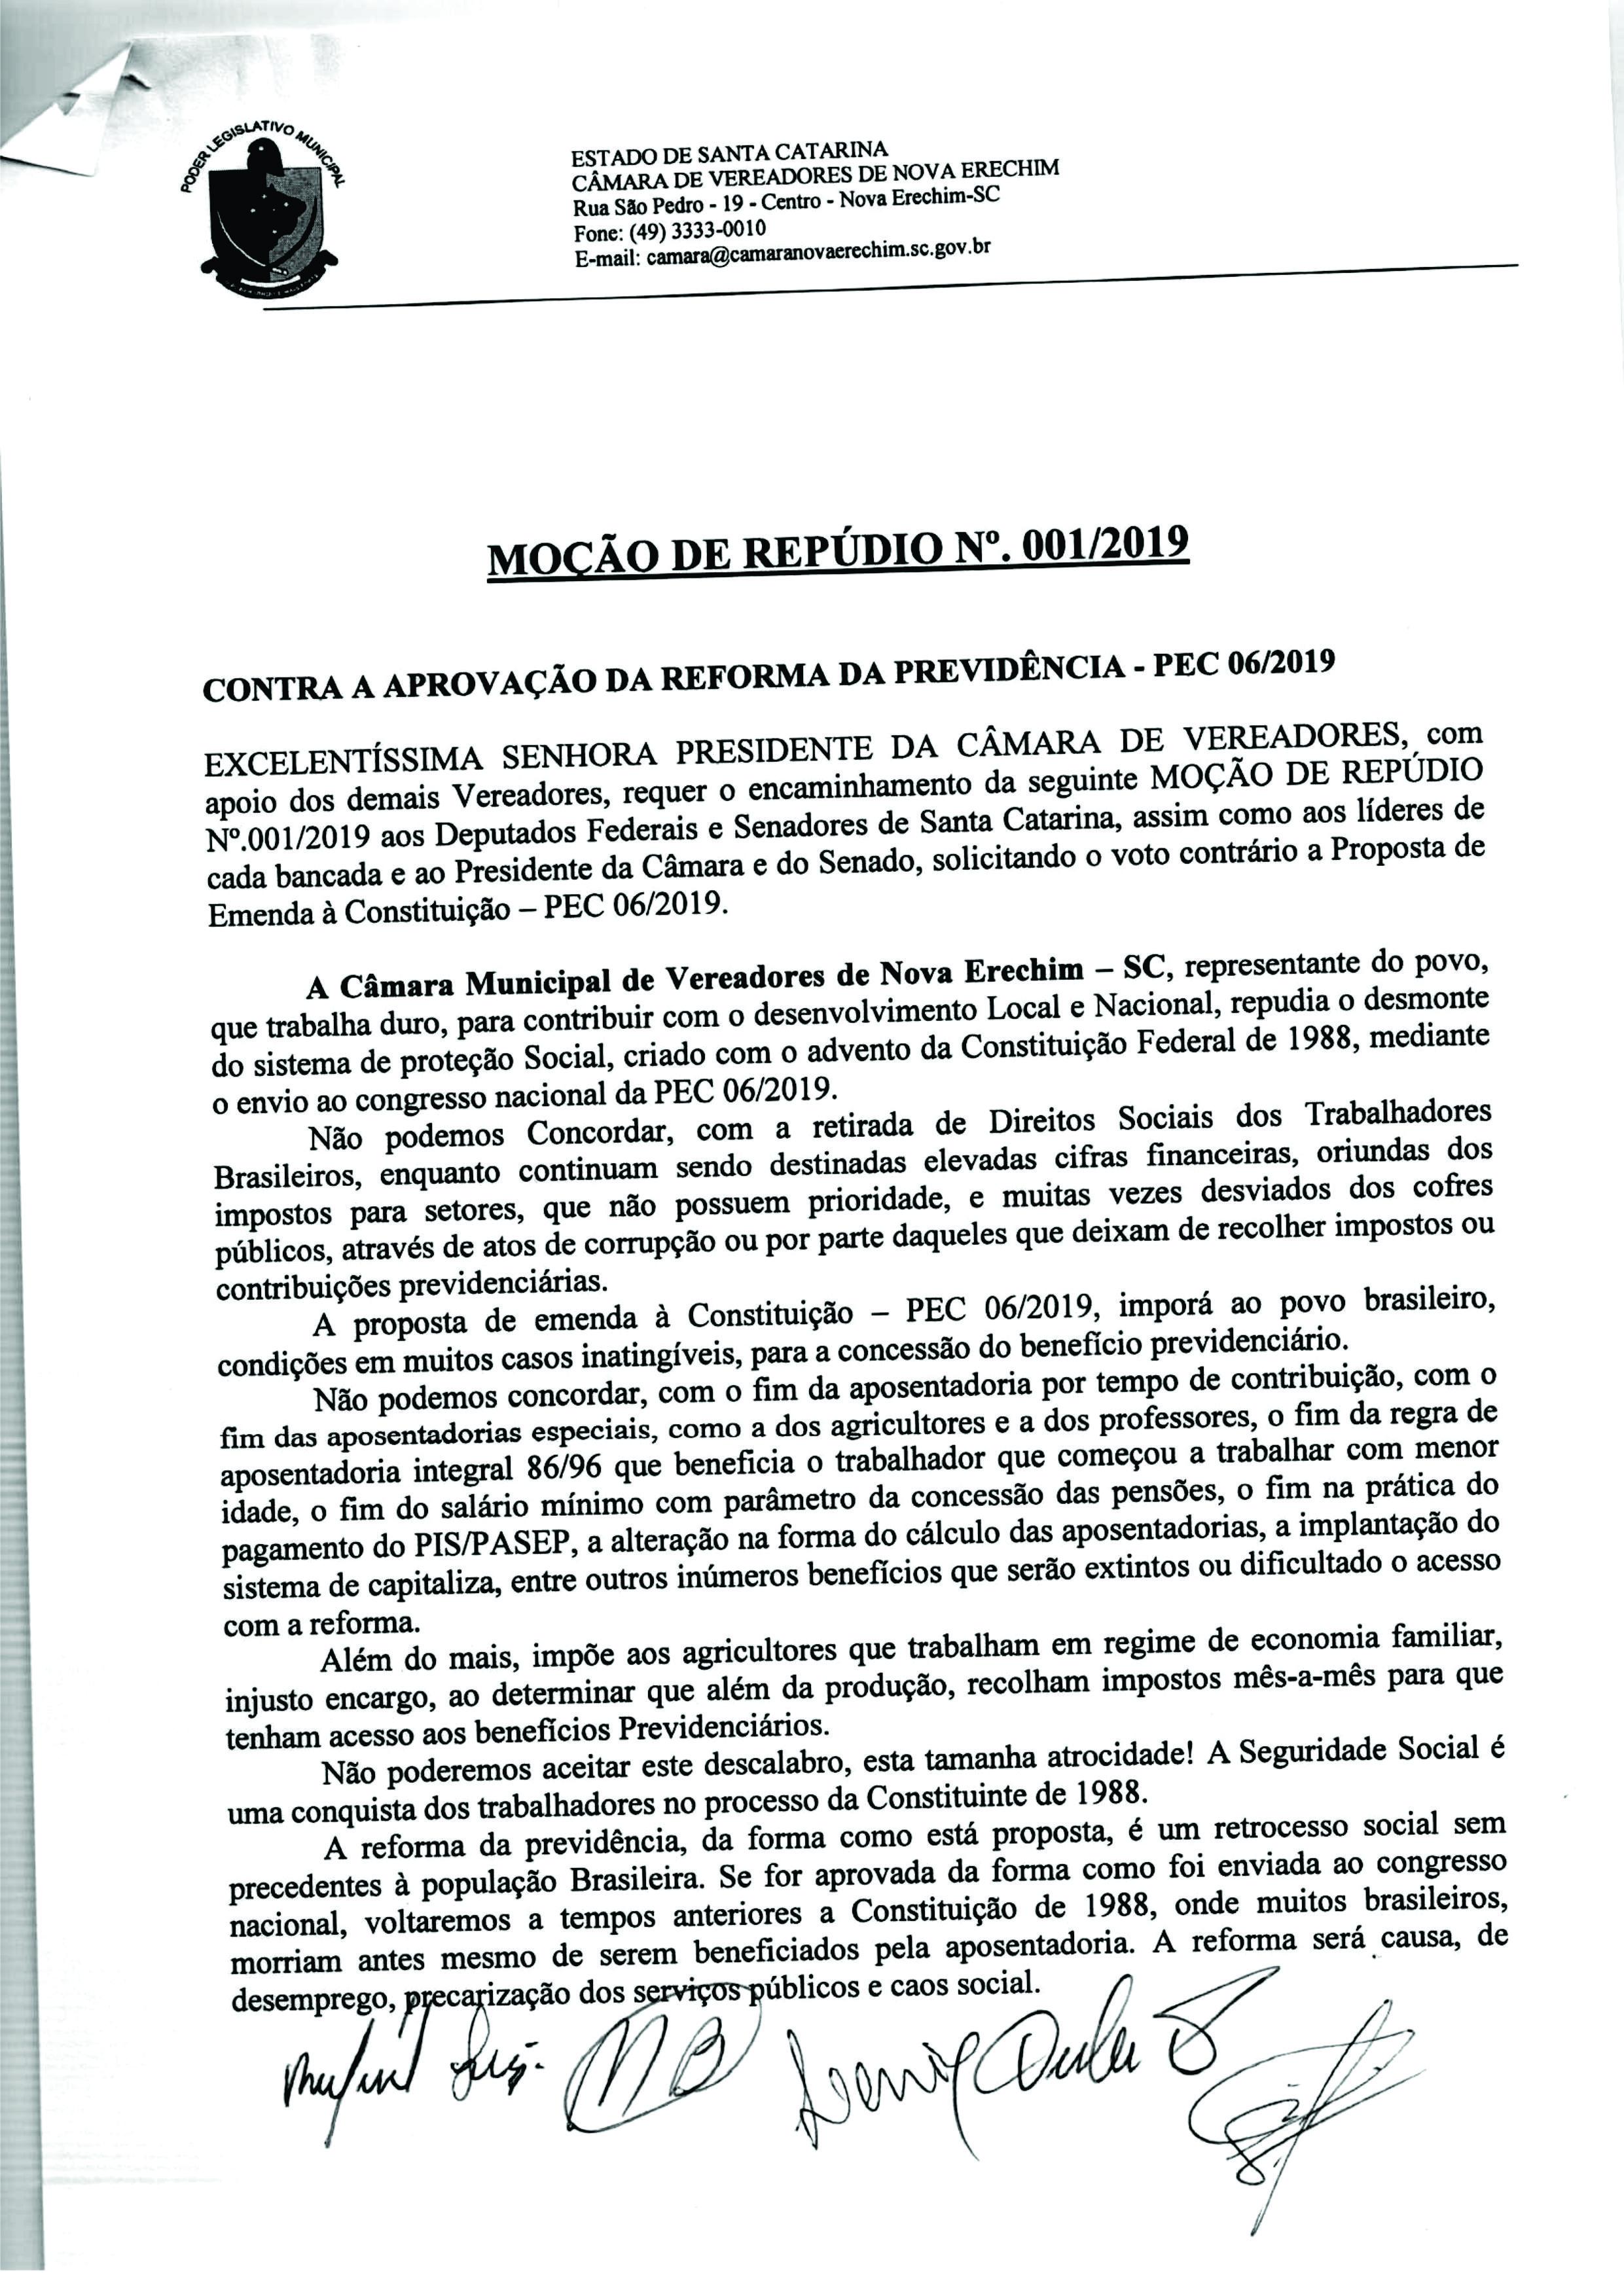 Câmara de Vereadores de Nova Erechim aprova Moção de Repúdio contra a Reforma da Previdência